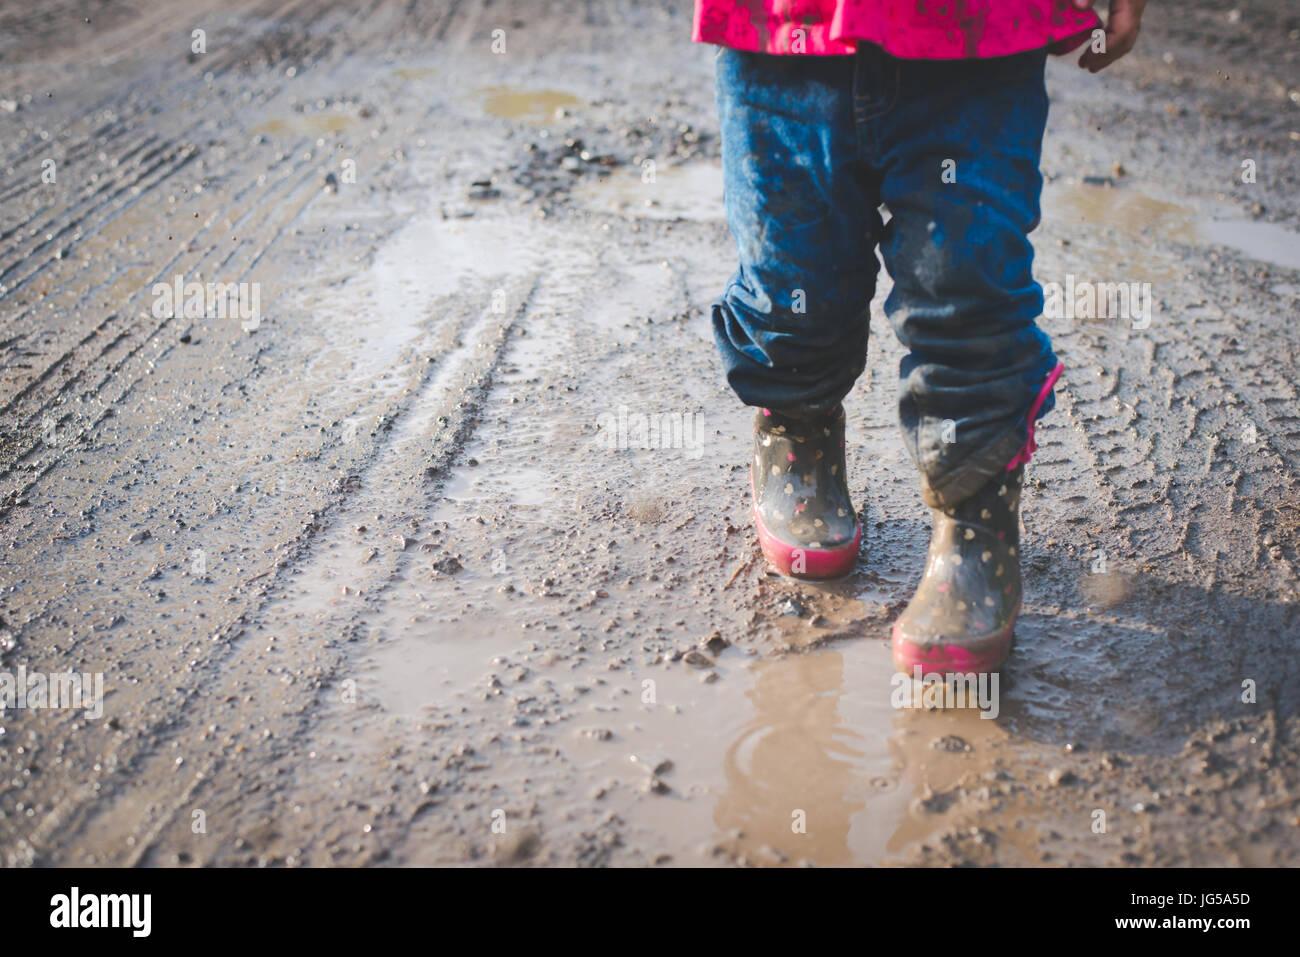 Ein Kind geht in den Schlamm entlang einer Landstraße in Pennsylvania. Stockbild